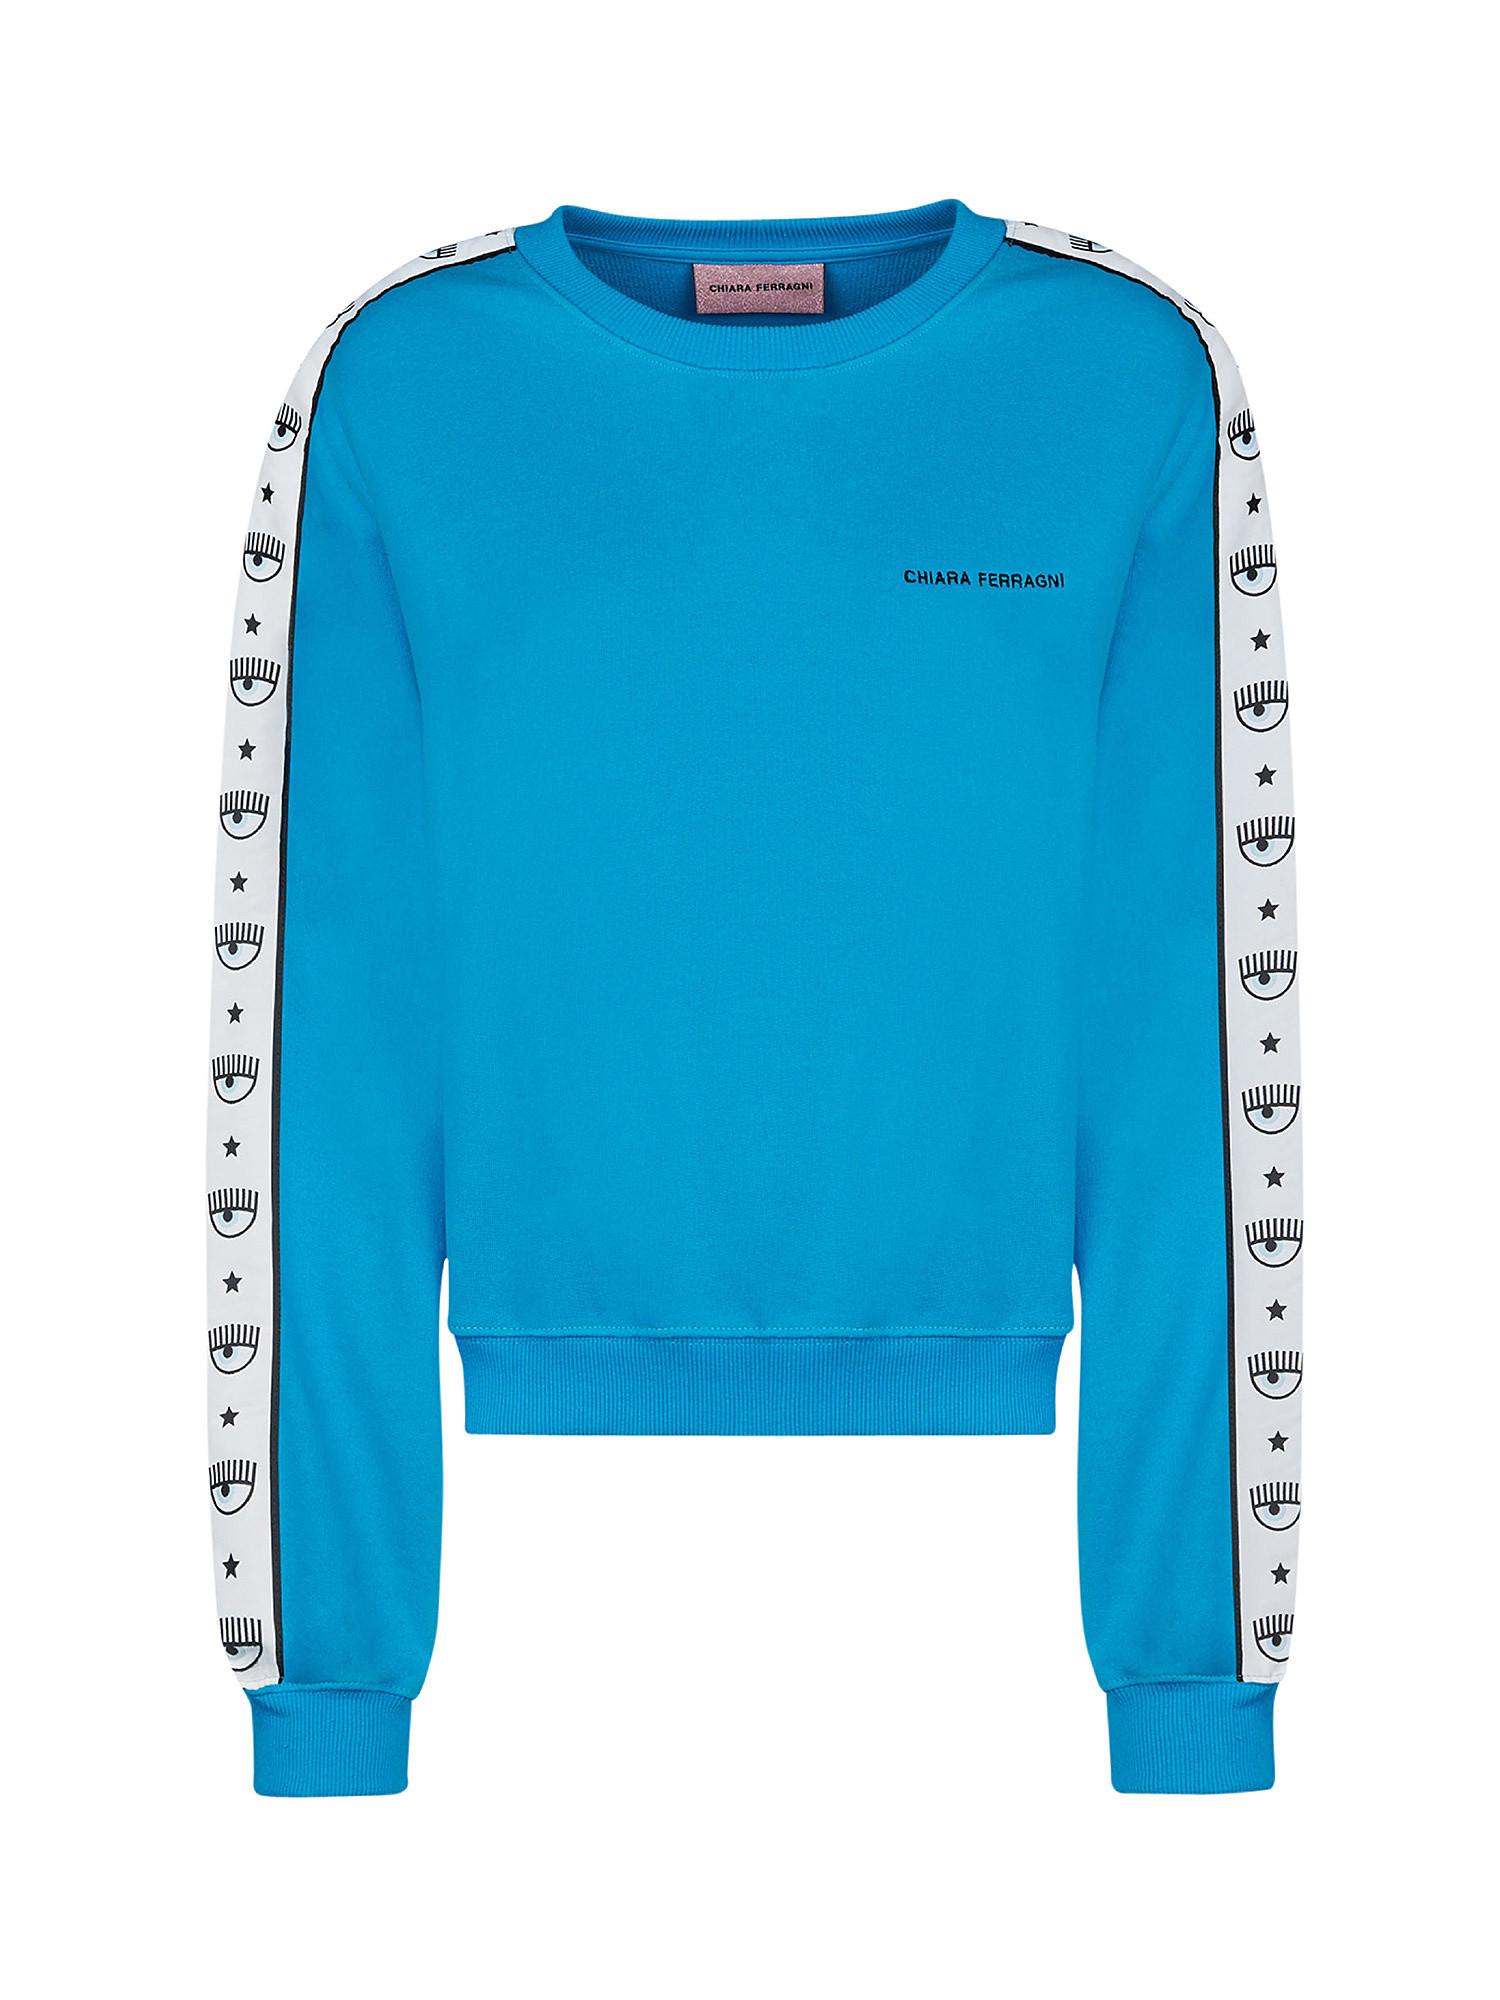 Maxi sleeve Logomania sweatshirt, Azzurro turchese, large image number 0